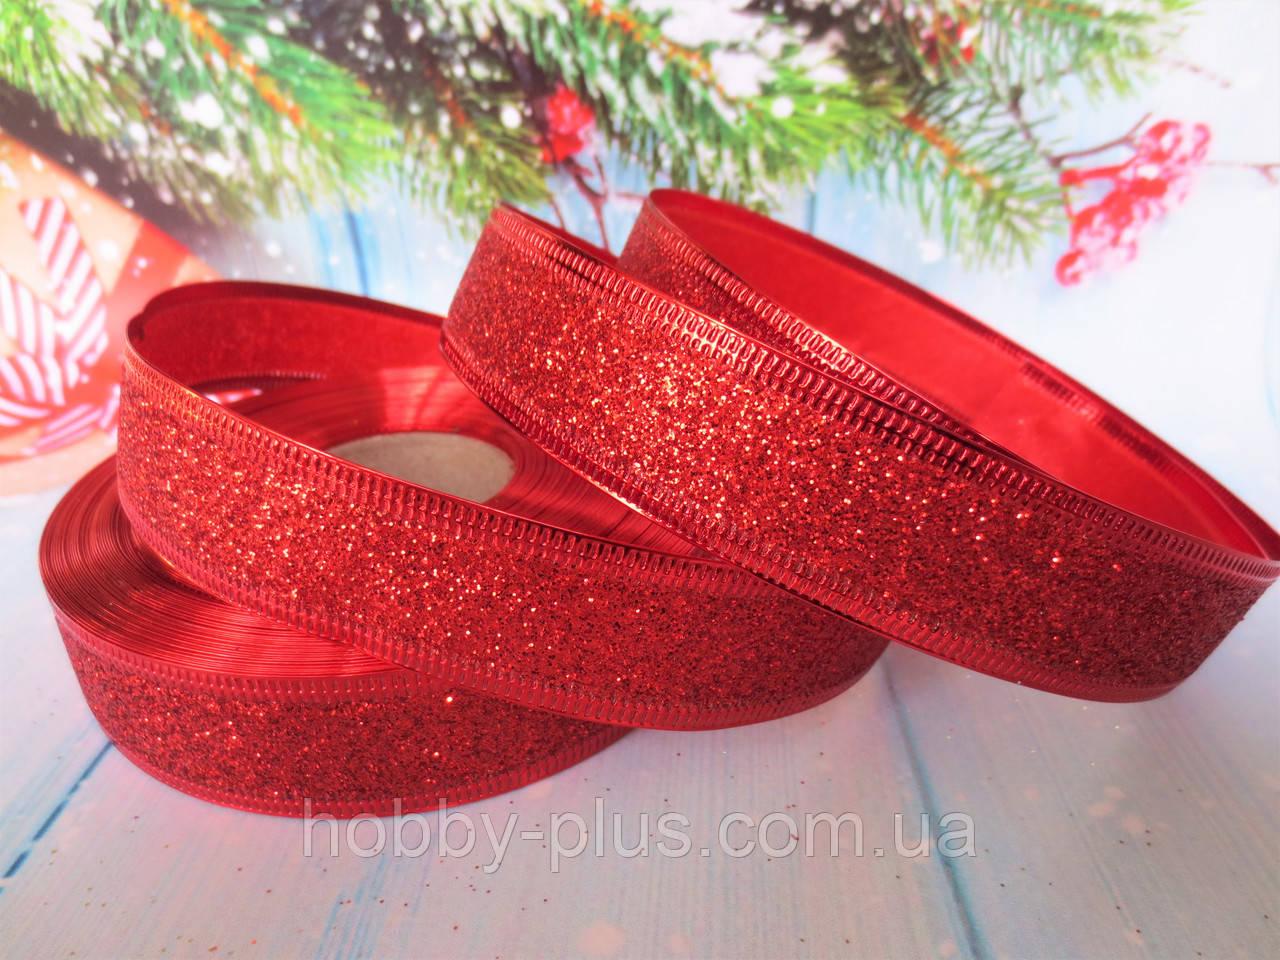 Новогодняя лента с проволочным краем, цвет красный, 2,5 см